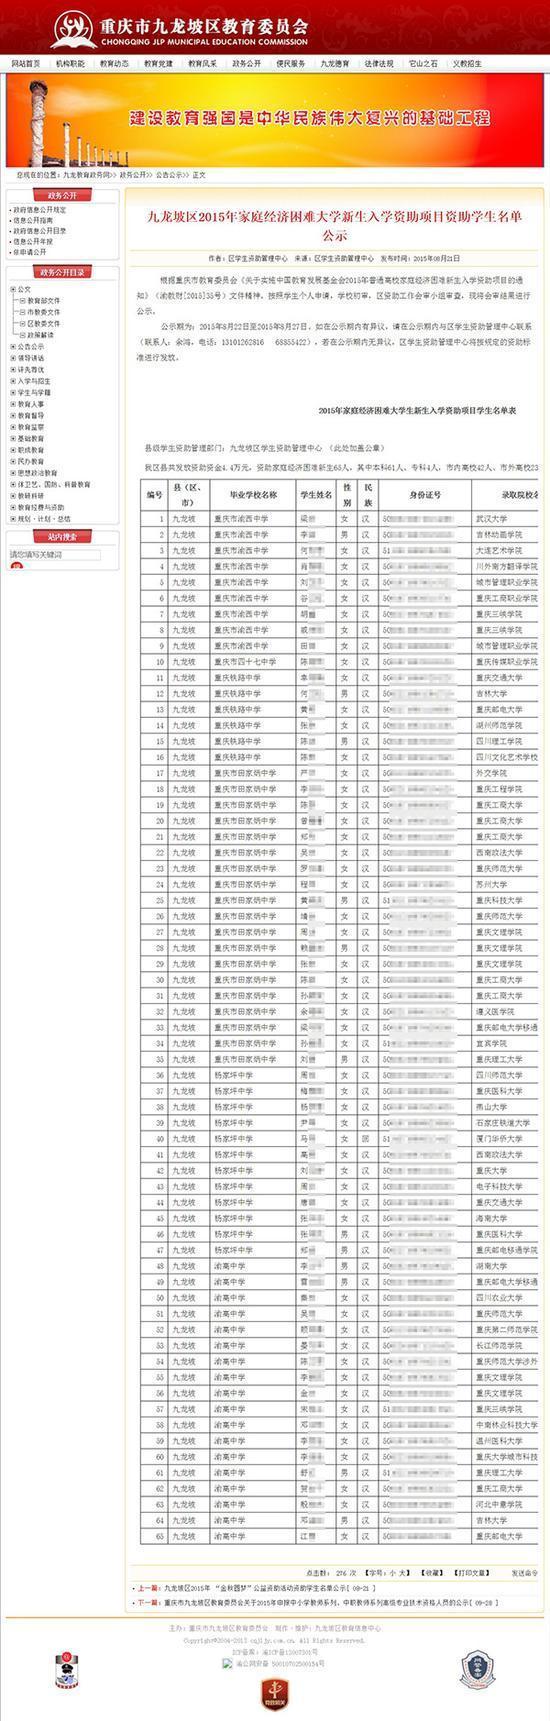 九龙坡区学生资助治理中央2015年8月21日在九龙坡区教委官网公布《九龙坡区2015年家庭经济难题大学新生入学资助项目资助学生名单公示》。图片系汹涌新闻基于掩护隐私需要打码,原页面没有打码。